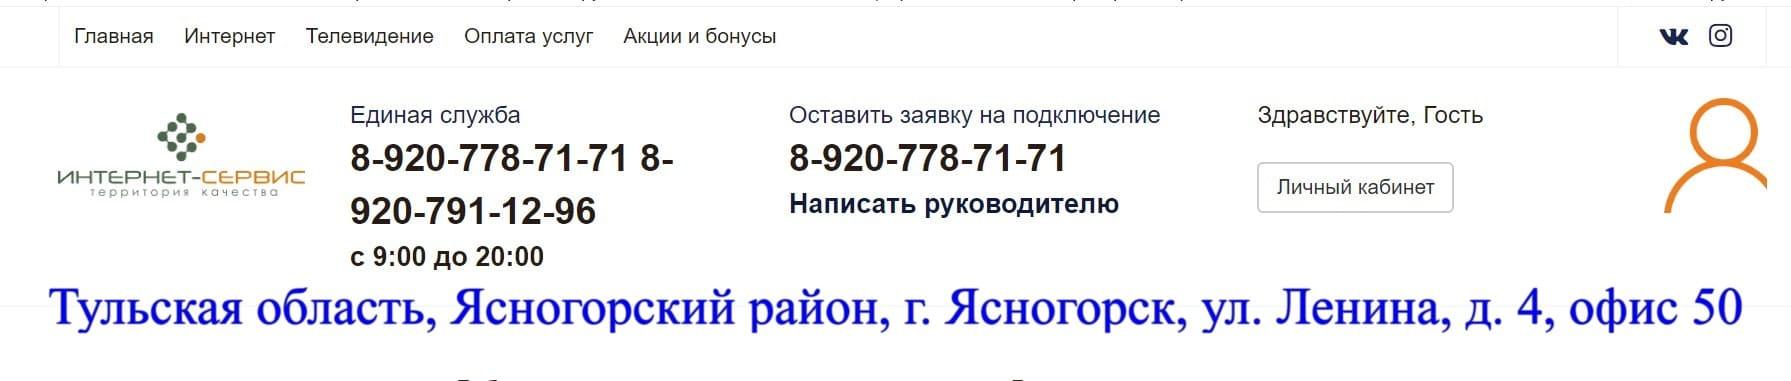 Ясногорск Су личный кабинет